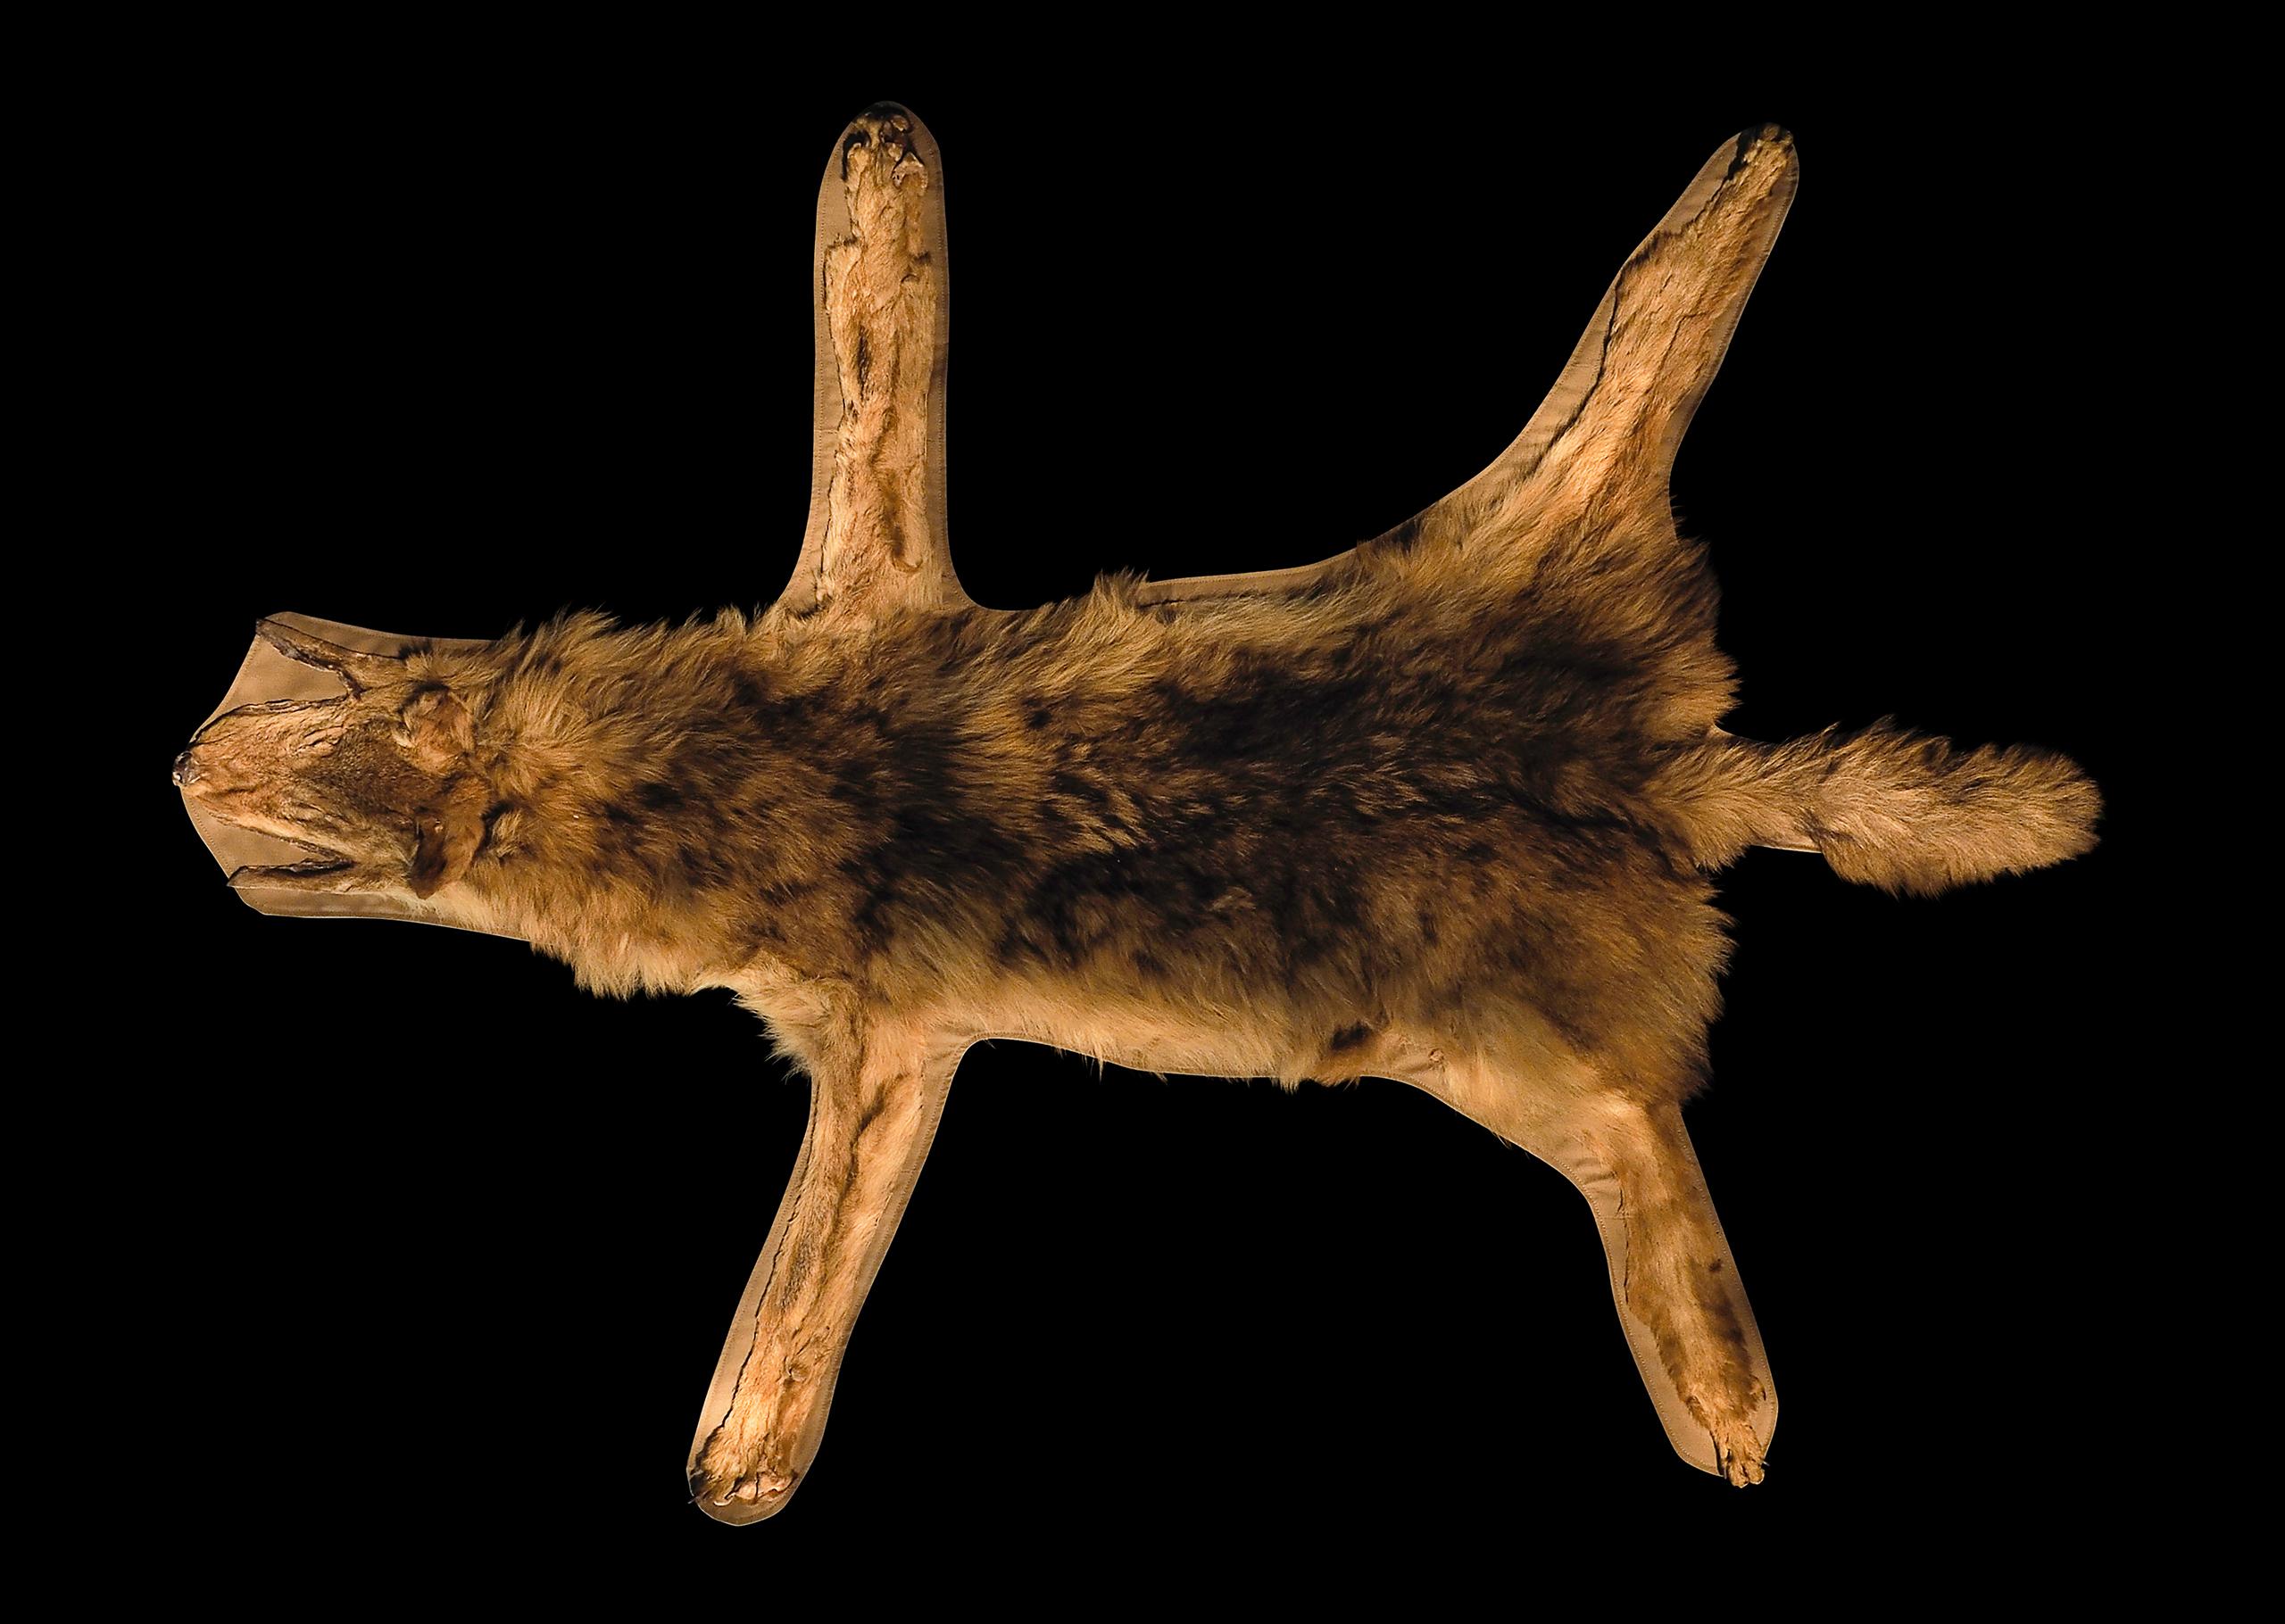 ニホンオオカミの毛皮